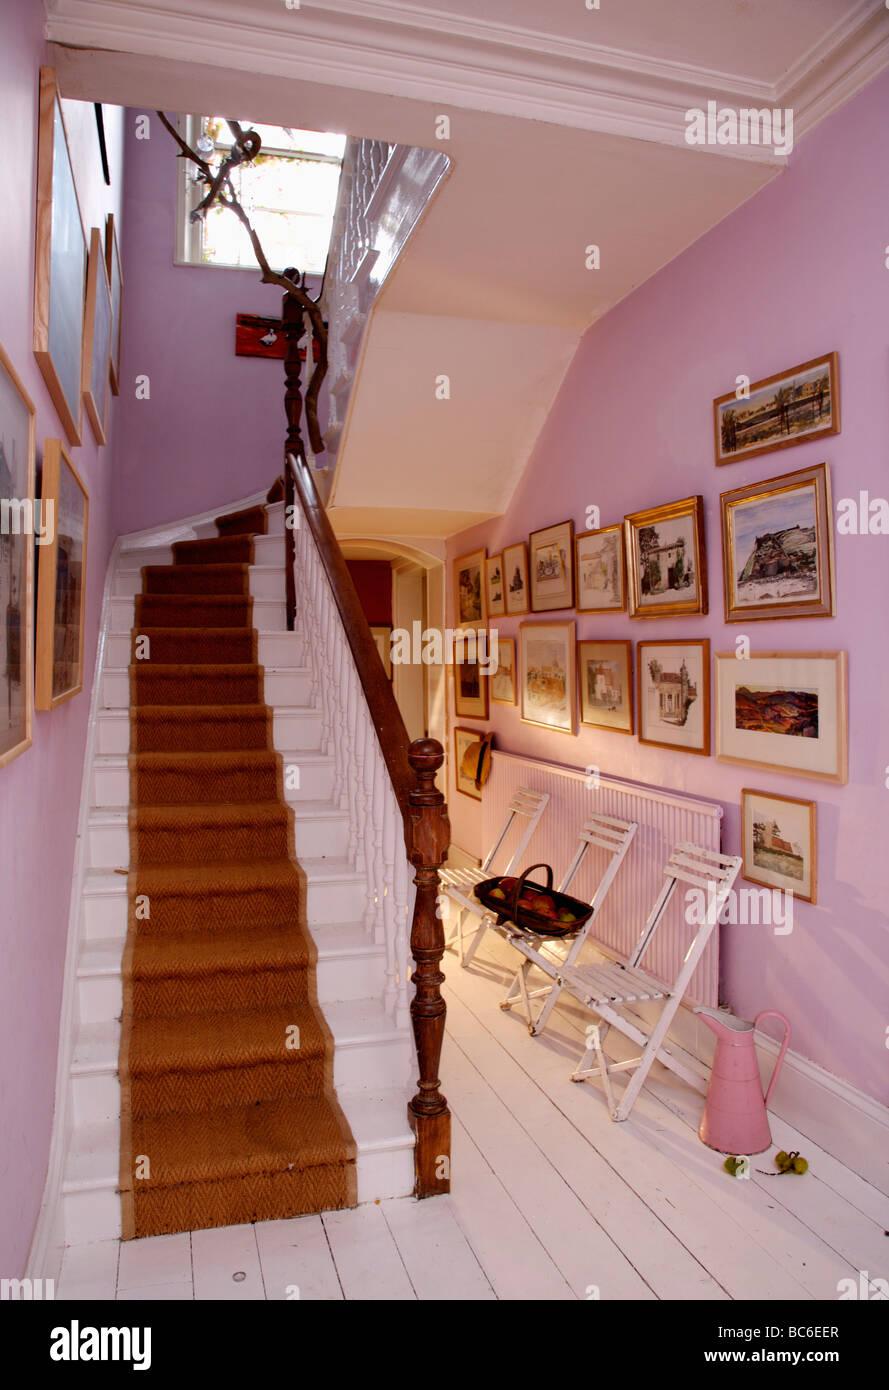 roter teppich auf wei e treppe in mauve halle mit wei lackierten dielen und sammlung von. Black Bedroom Furniture Sets. Home Design Ideas